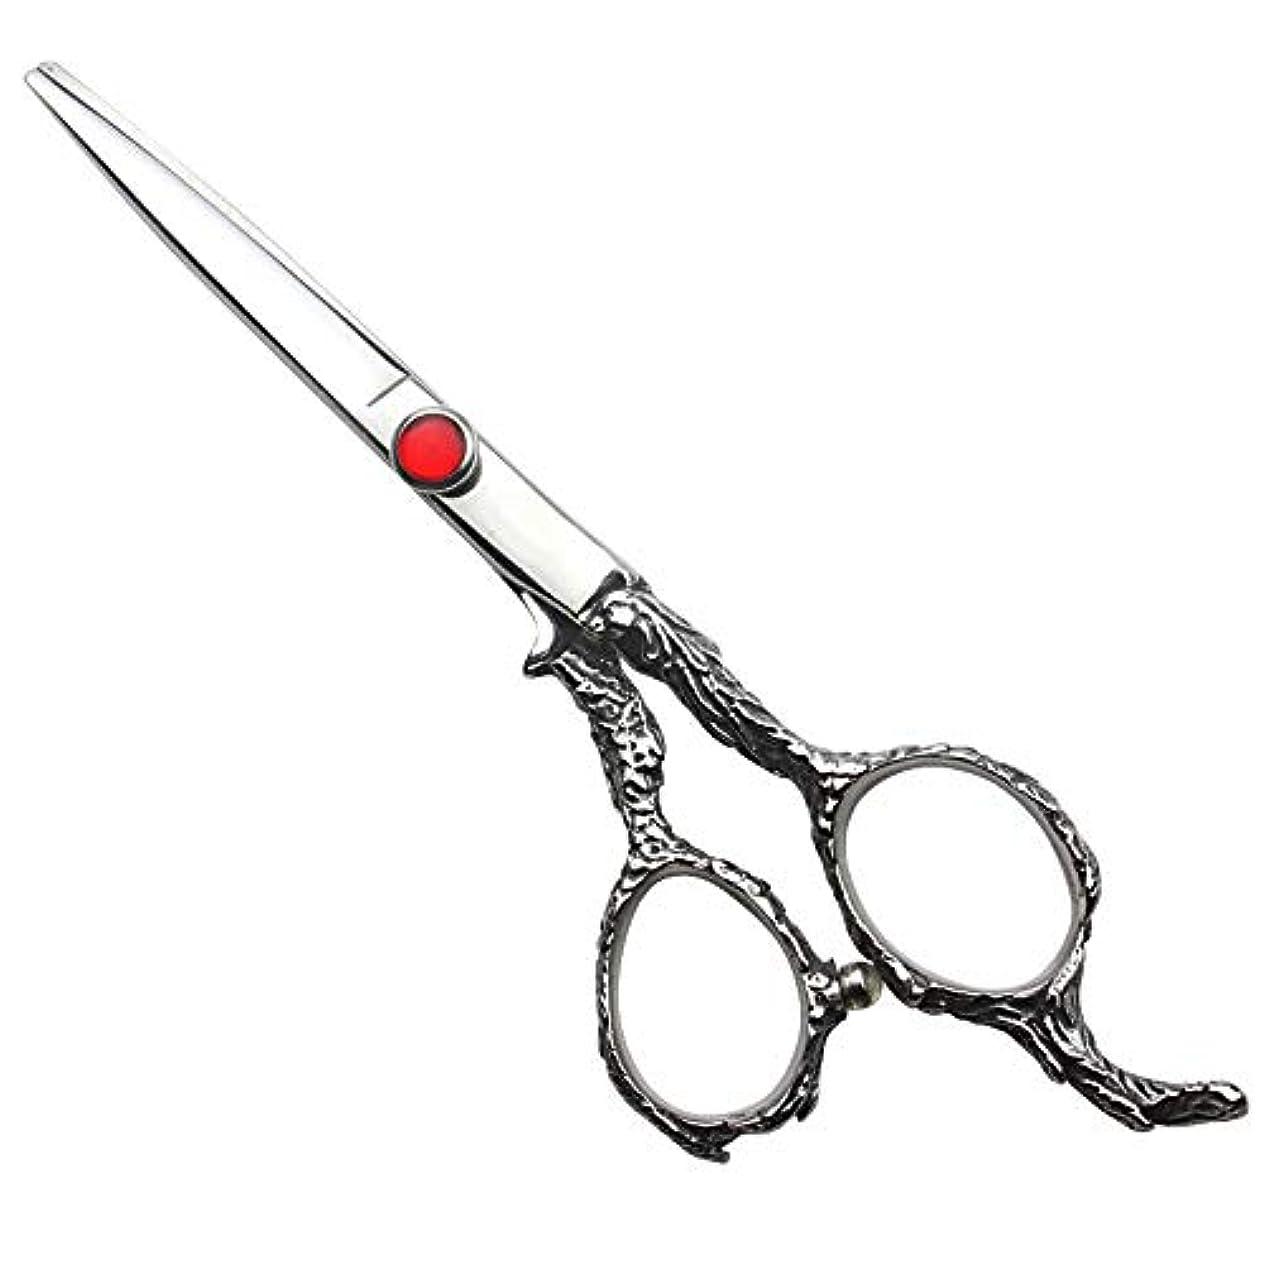 病気排除指定する理髪用はさみ 家族6インチの理髪はさみ、美容院プロのヘアカット前髪ストレートはさみヘアカットはさみステンレス理髪はさみ (色 : Silver)